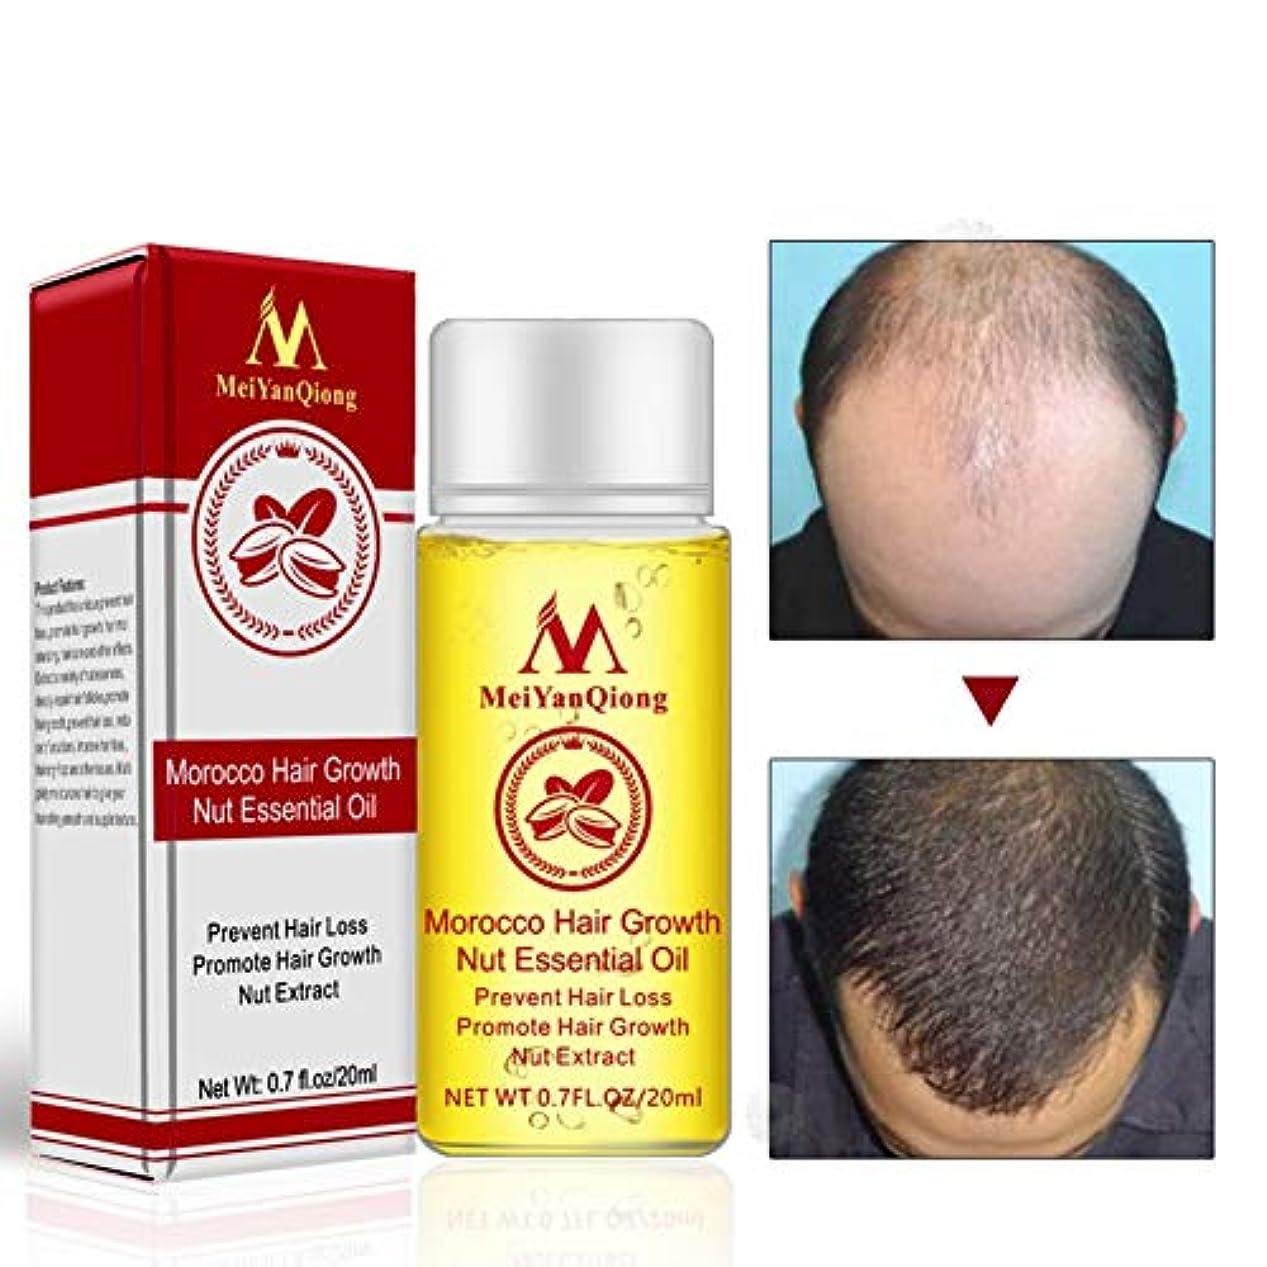 感謝祭薬局交流するAlluoleのモロッコの毛の成長のナットの精油の反毛の損失は毛の成長の本質を促進します